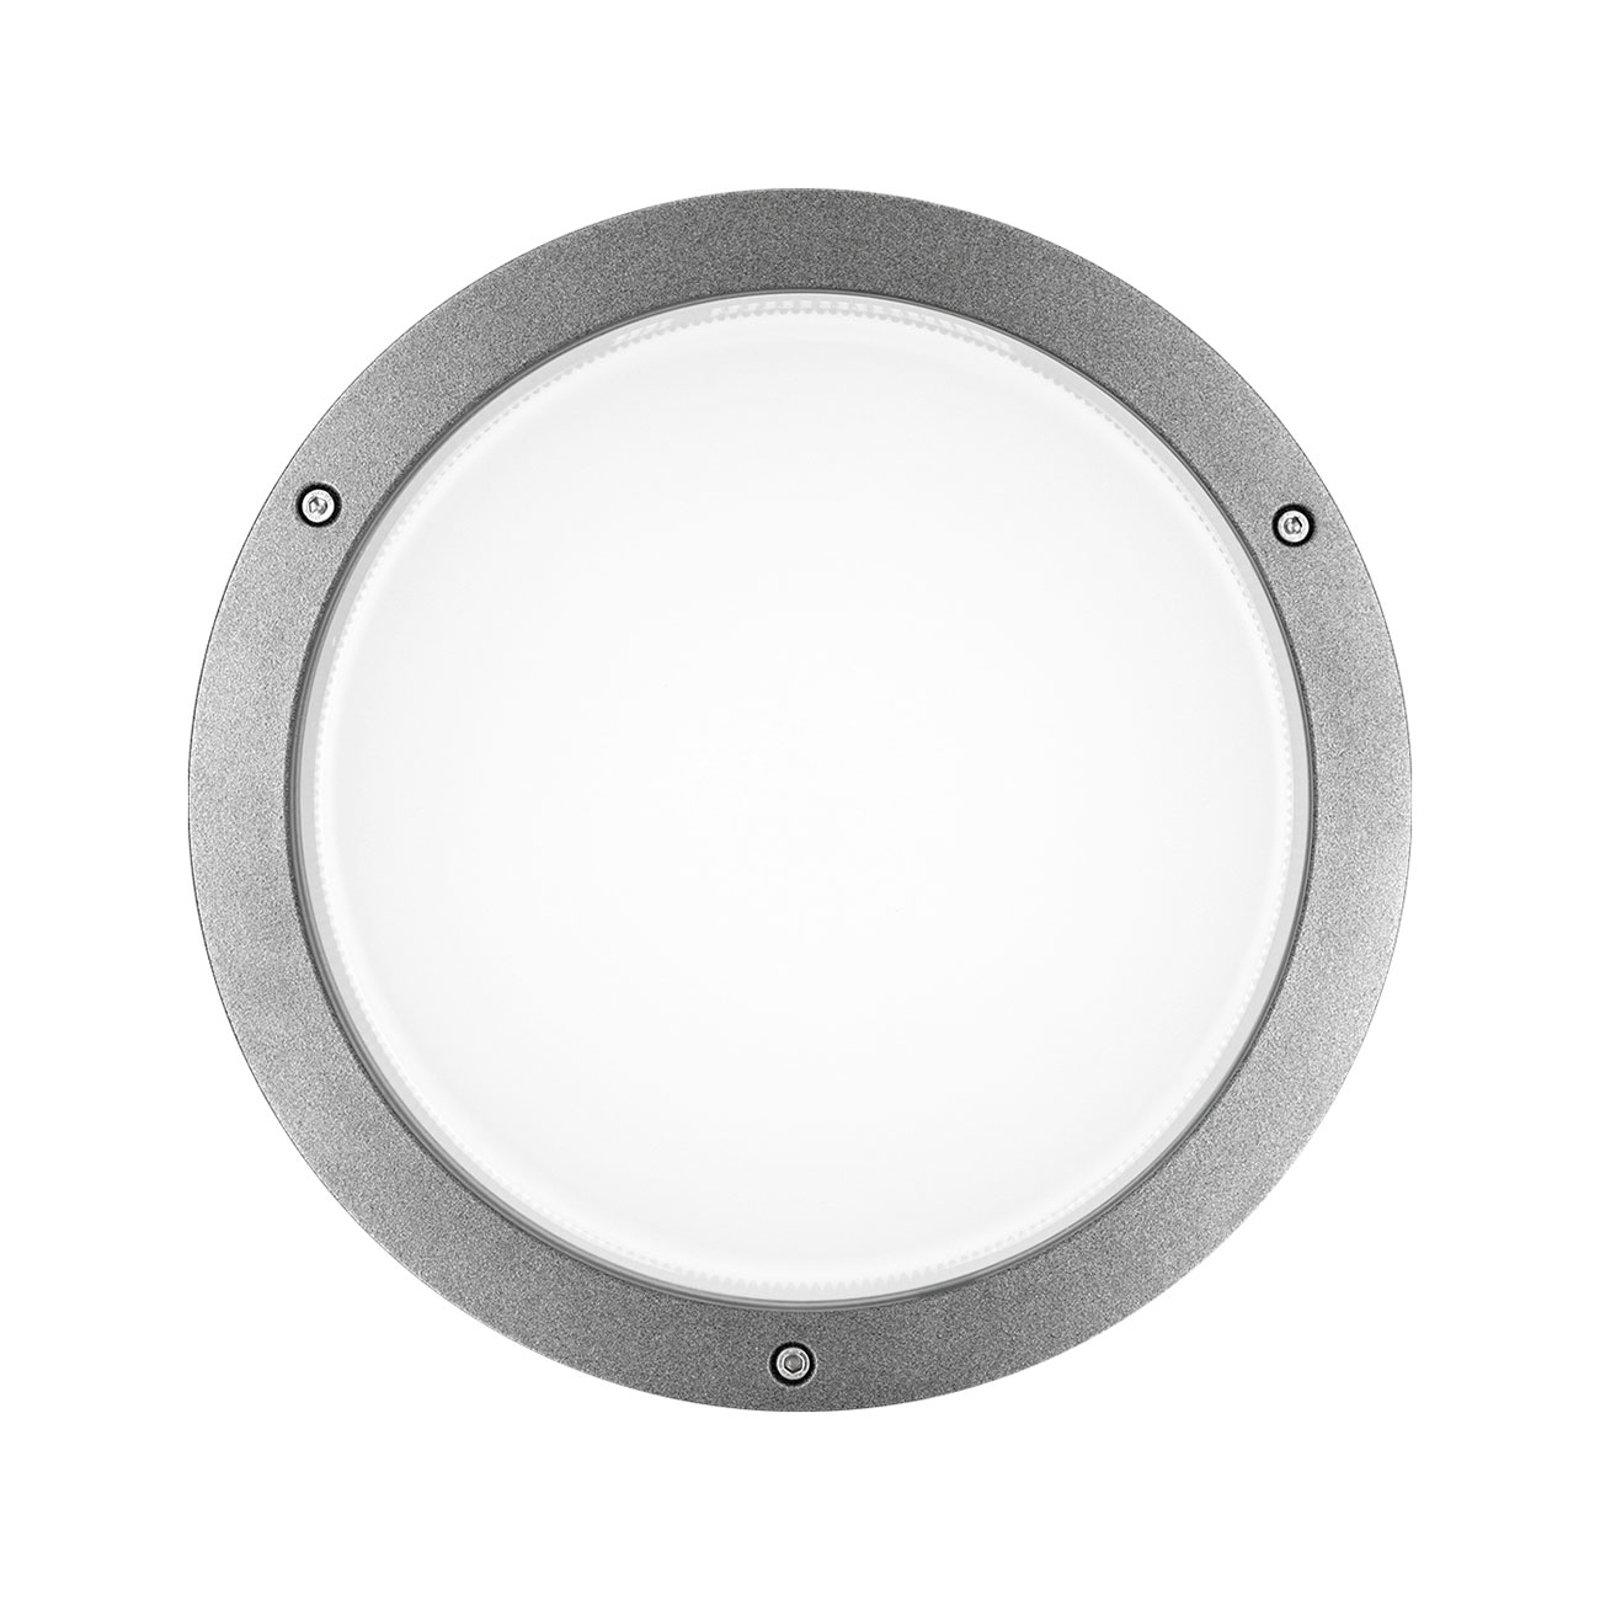 LED-vegglampe Bliz Round 30 3 000 K, grå dimbar